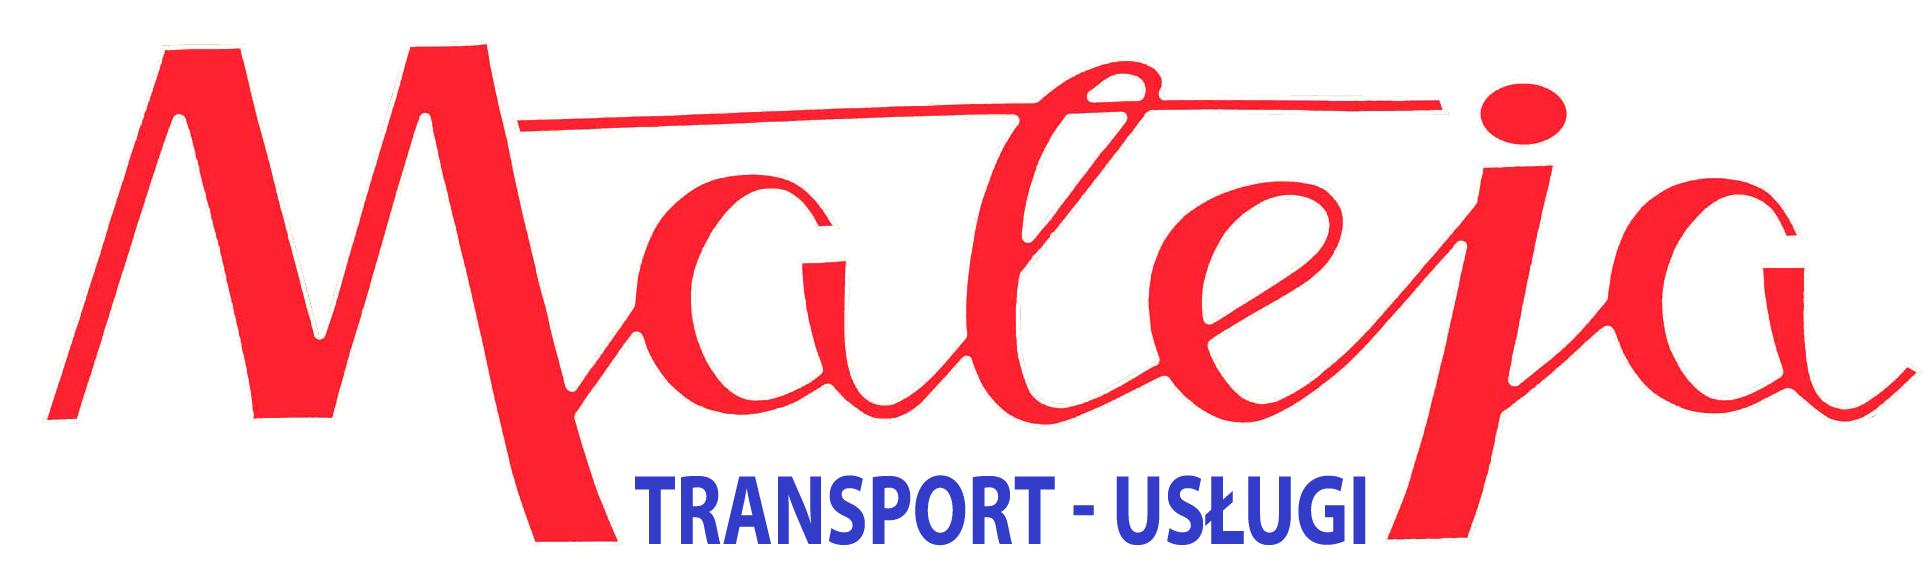 Mateja - Transport Usługi Hurtownia Online